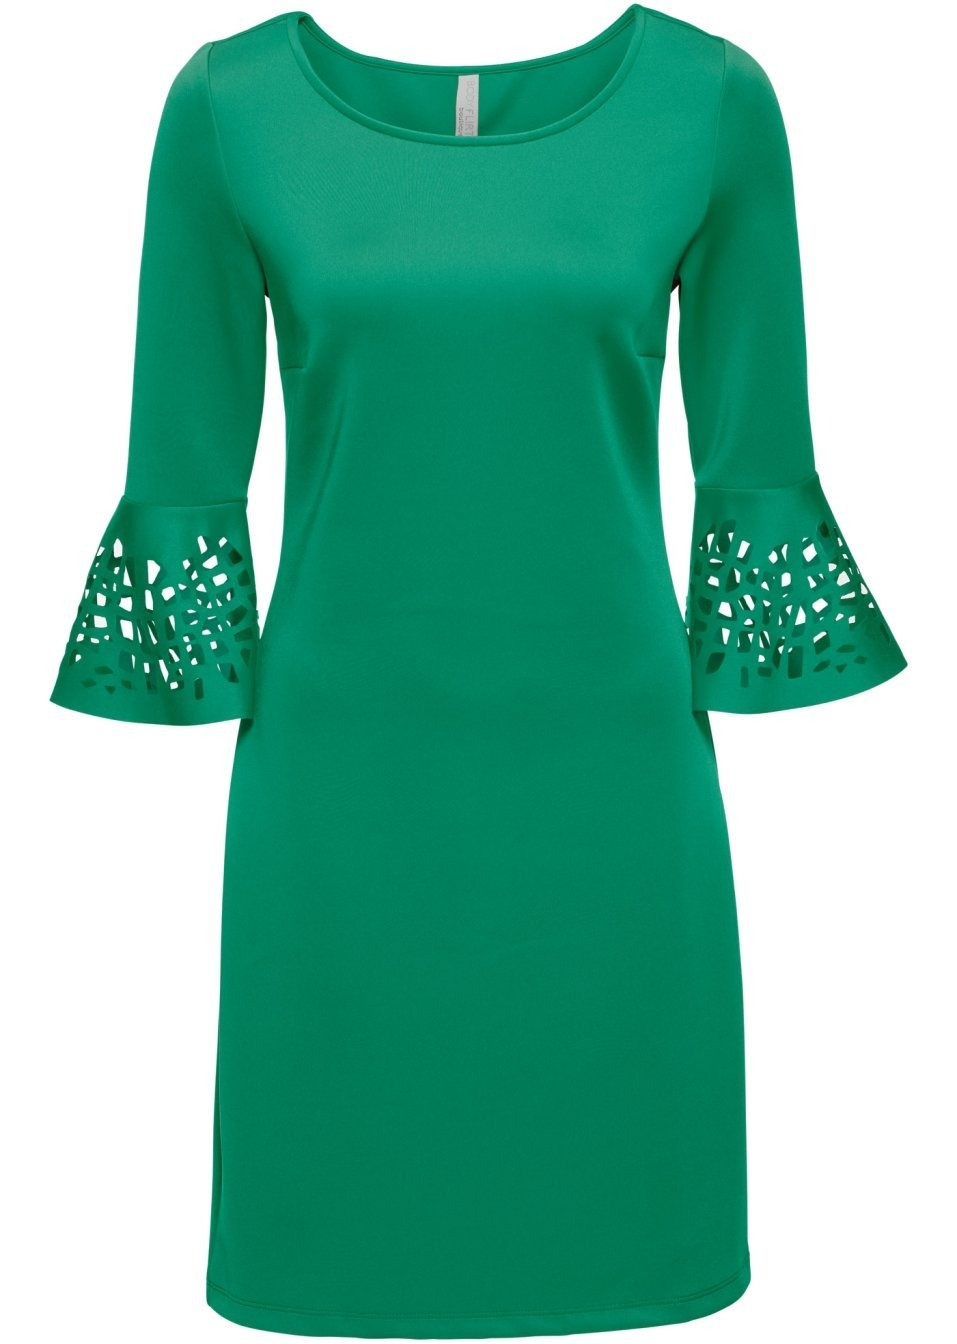 15 Luxus Kleid Für Hochzeit Grün Galerie Einfach Kleid Für Hochzeit Grün Boutique